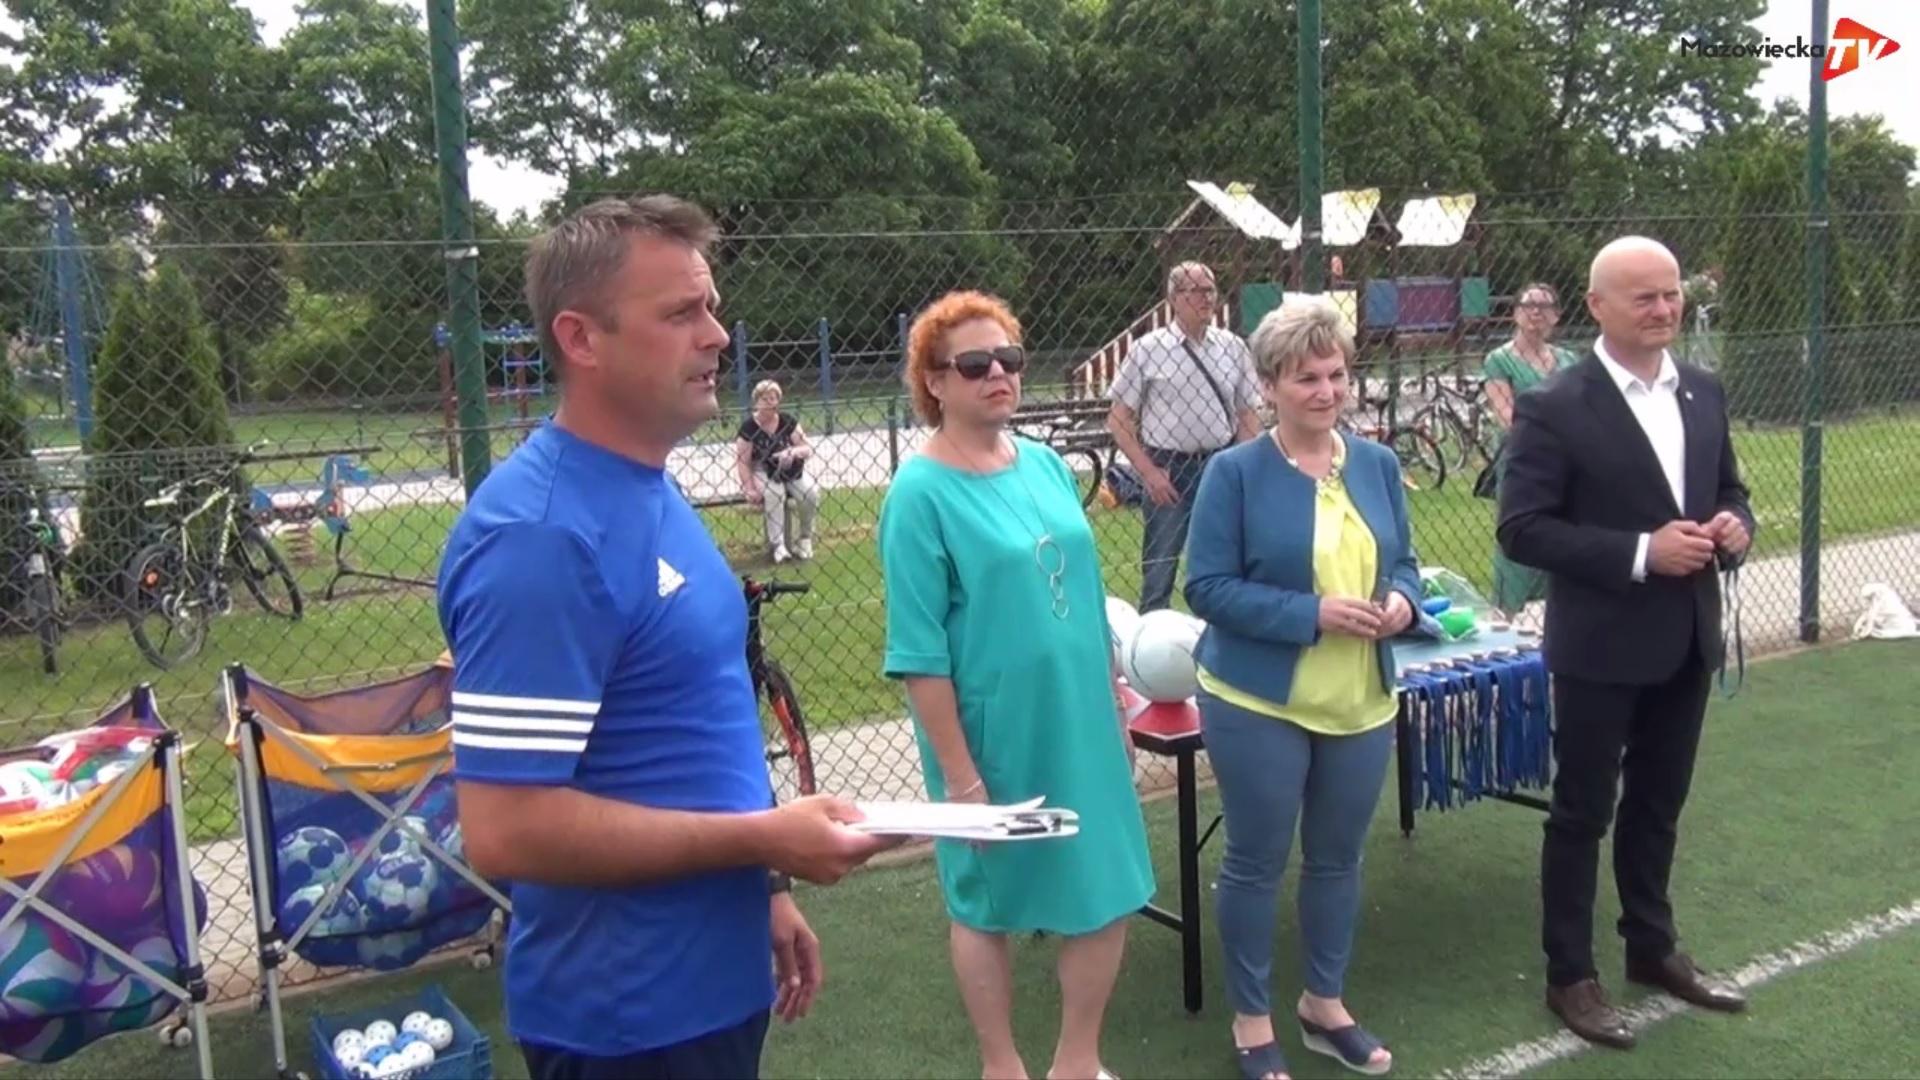 W PSP nr 1 w Grójcu zakończyły się zajęcia sportowe organizowane przez Gminną Komisję ds. Uzależnień